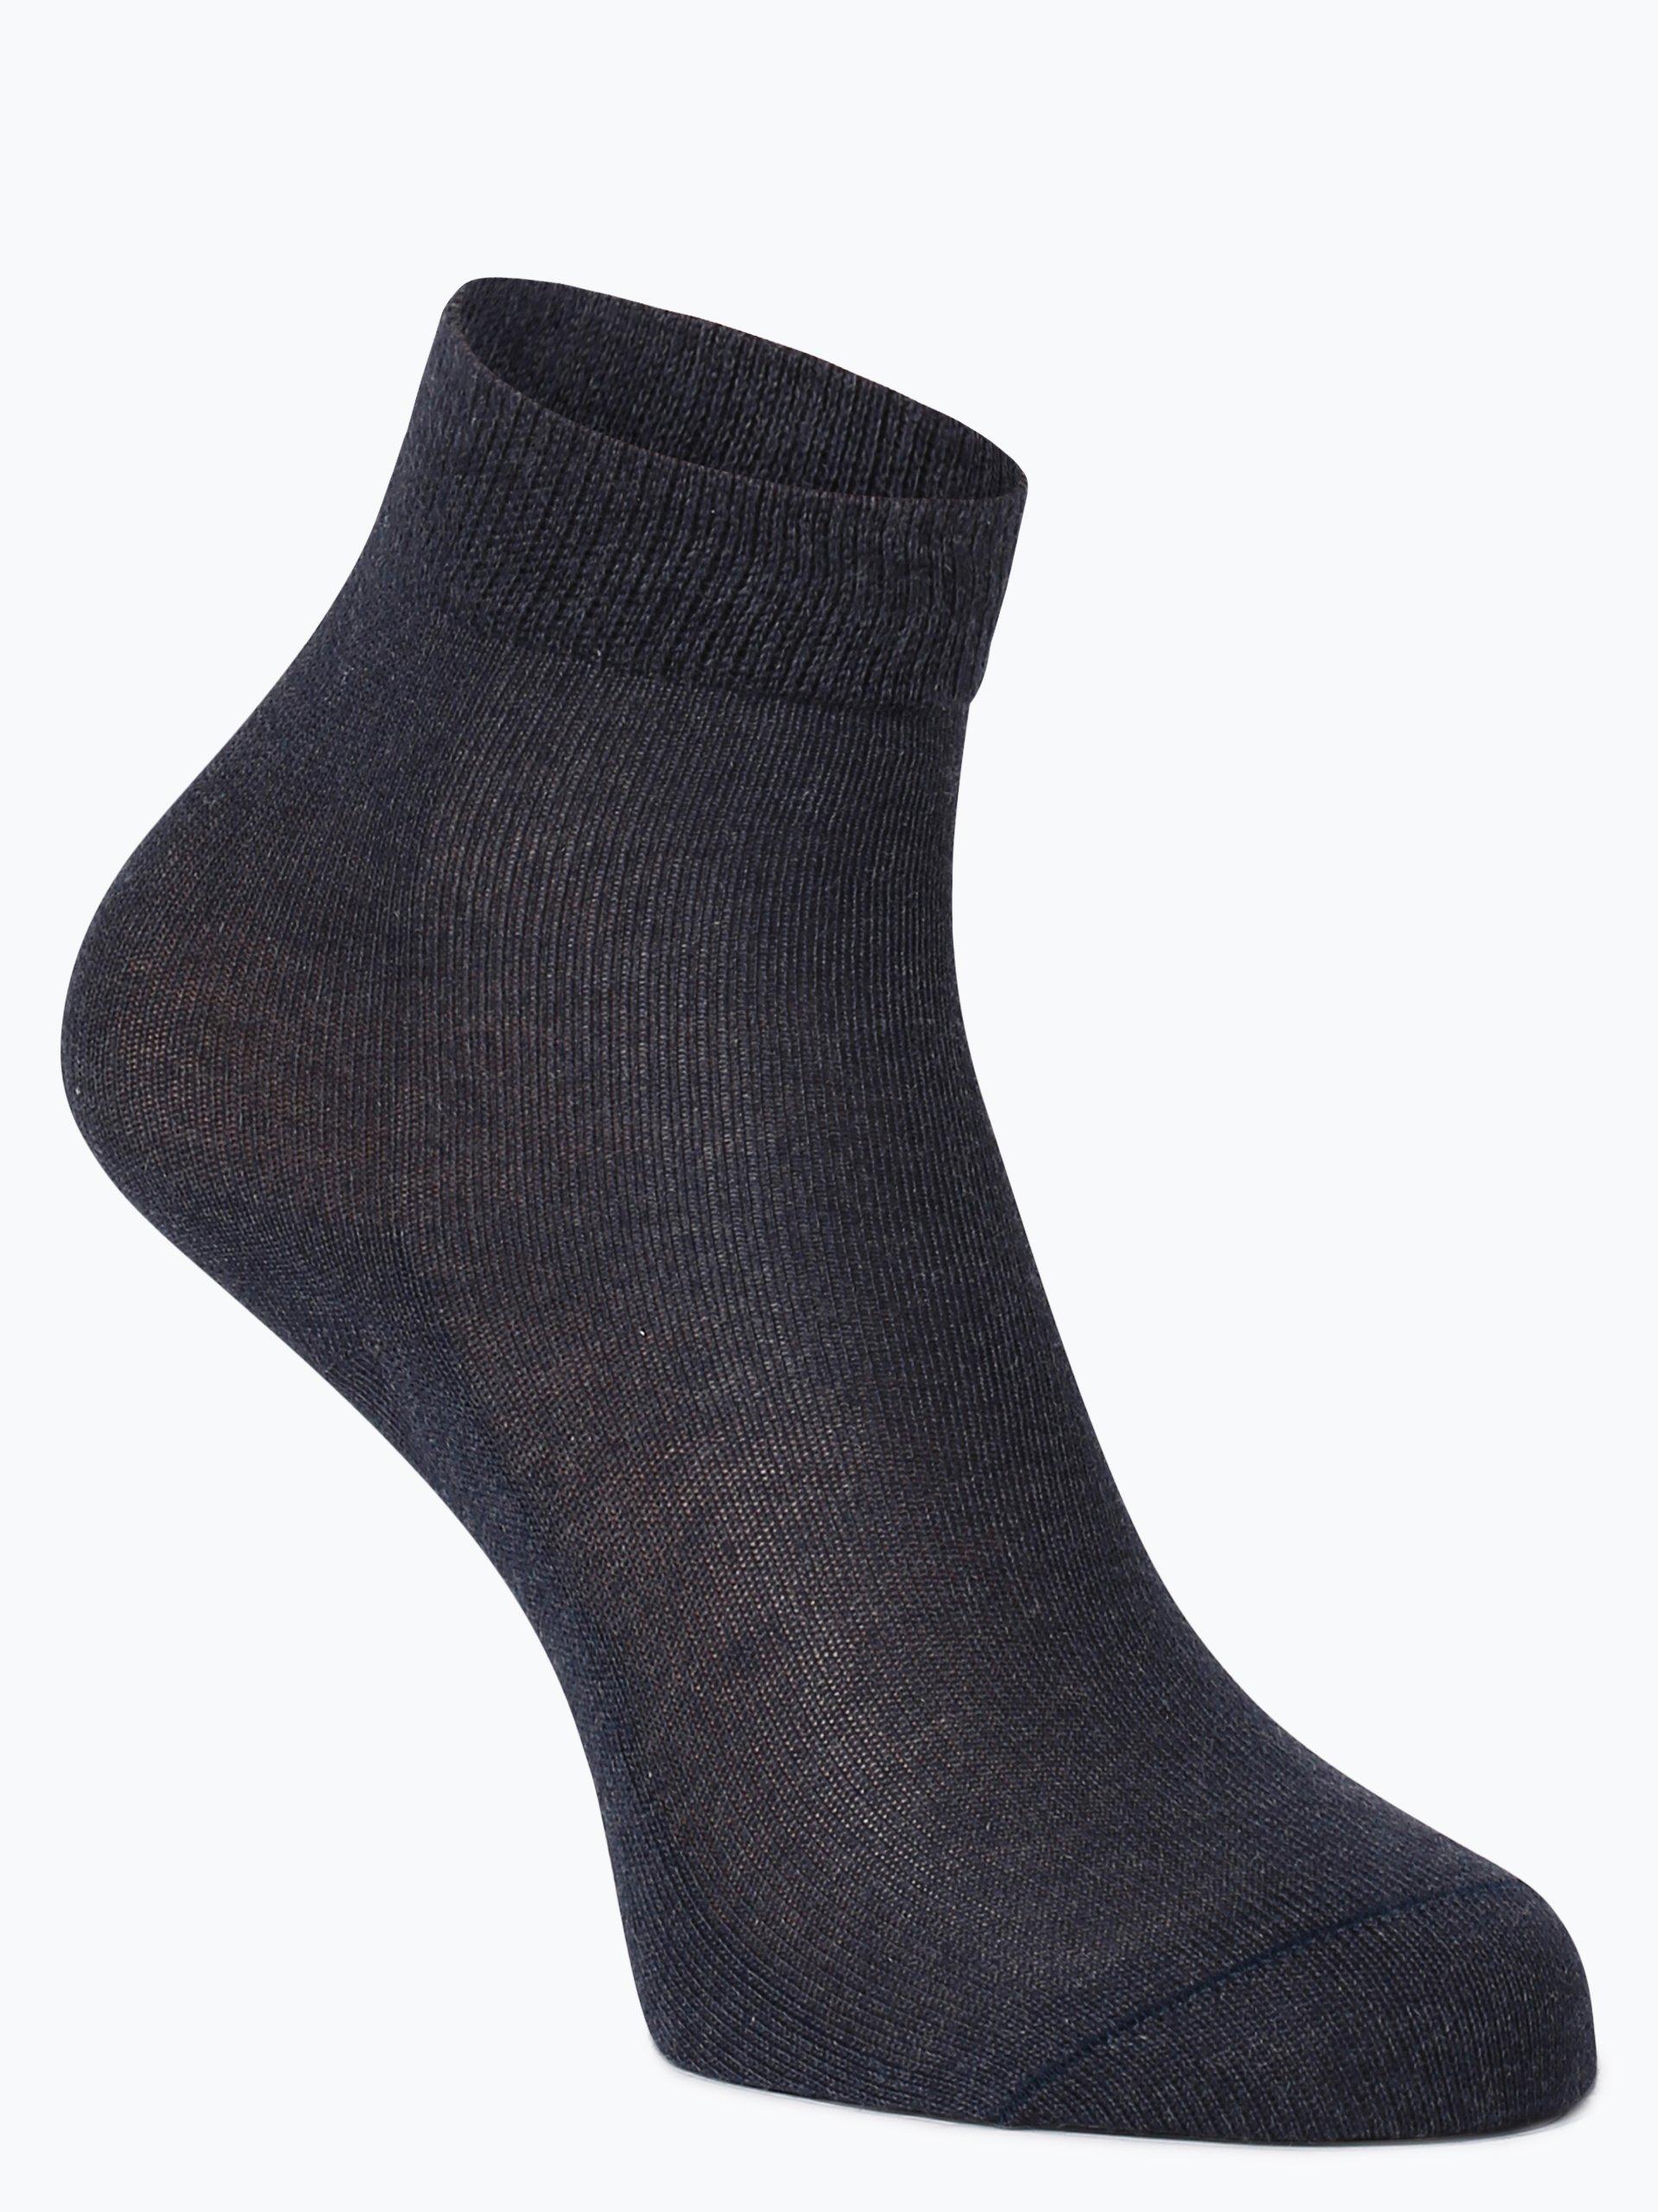 FALKE Kinder Socken - Family